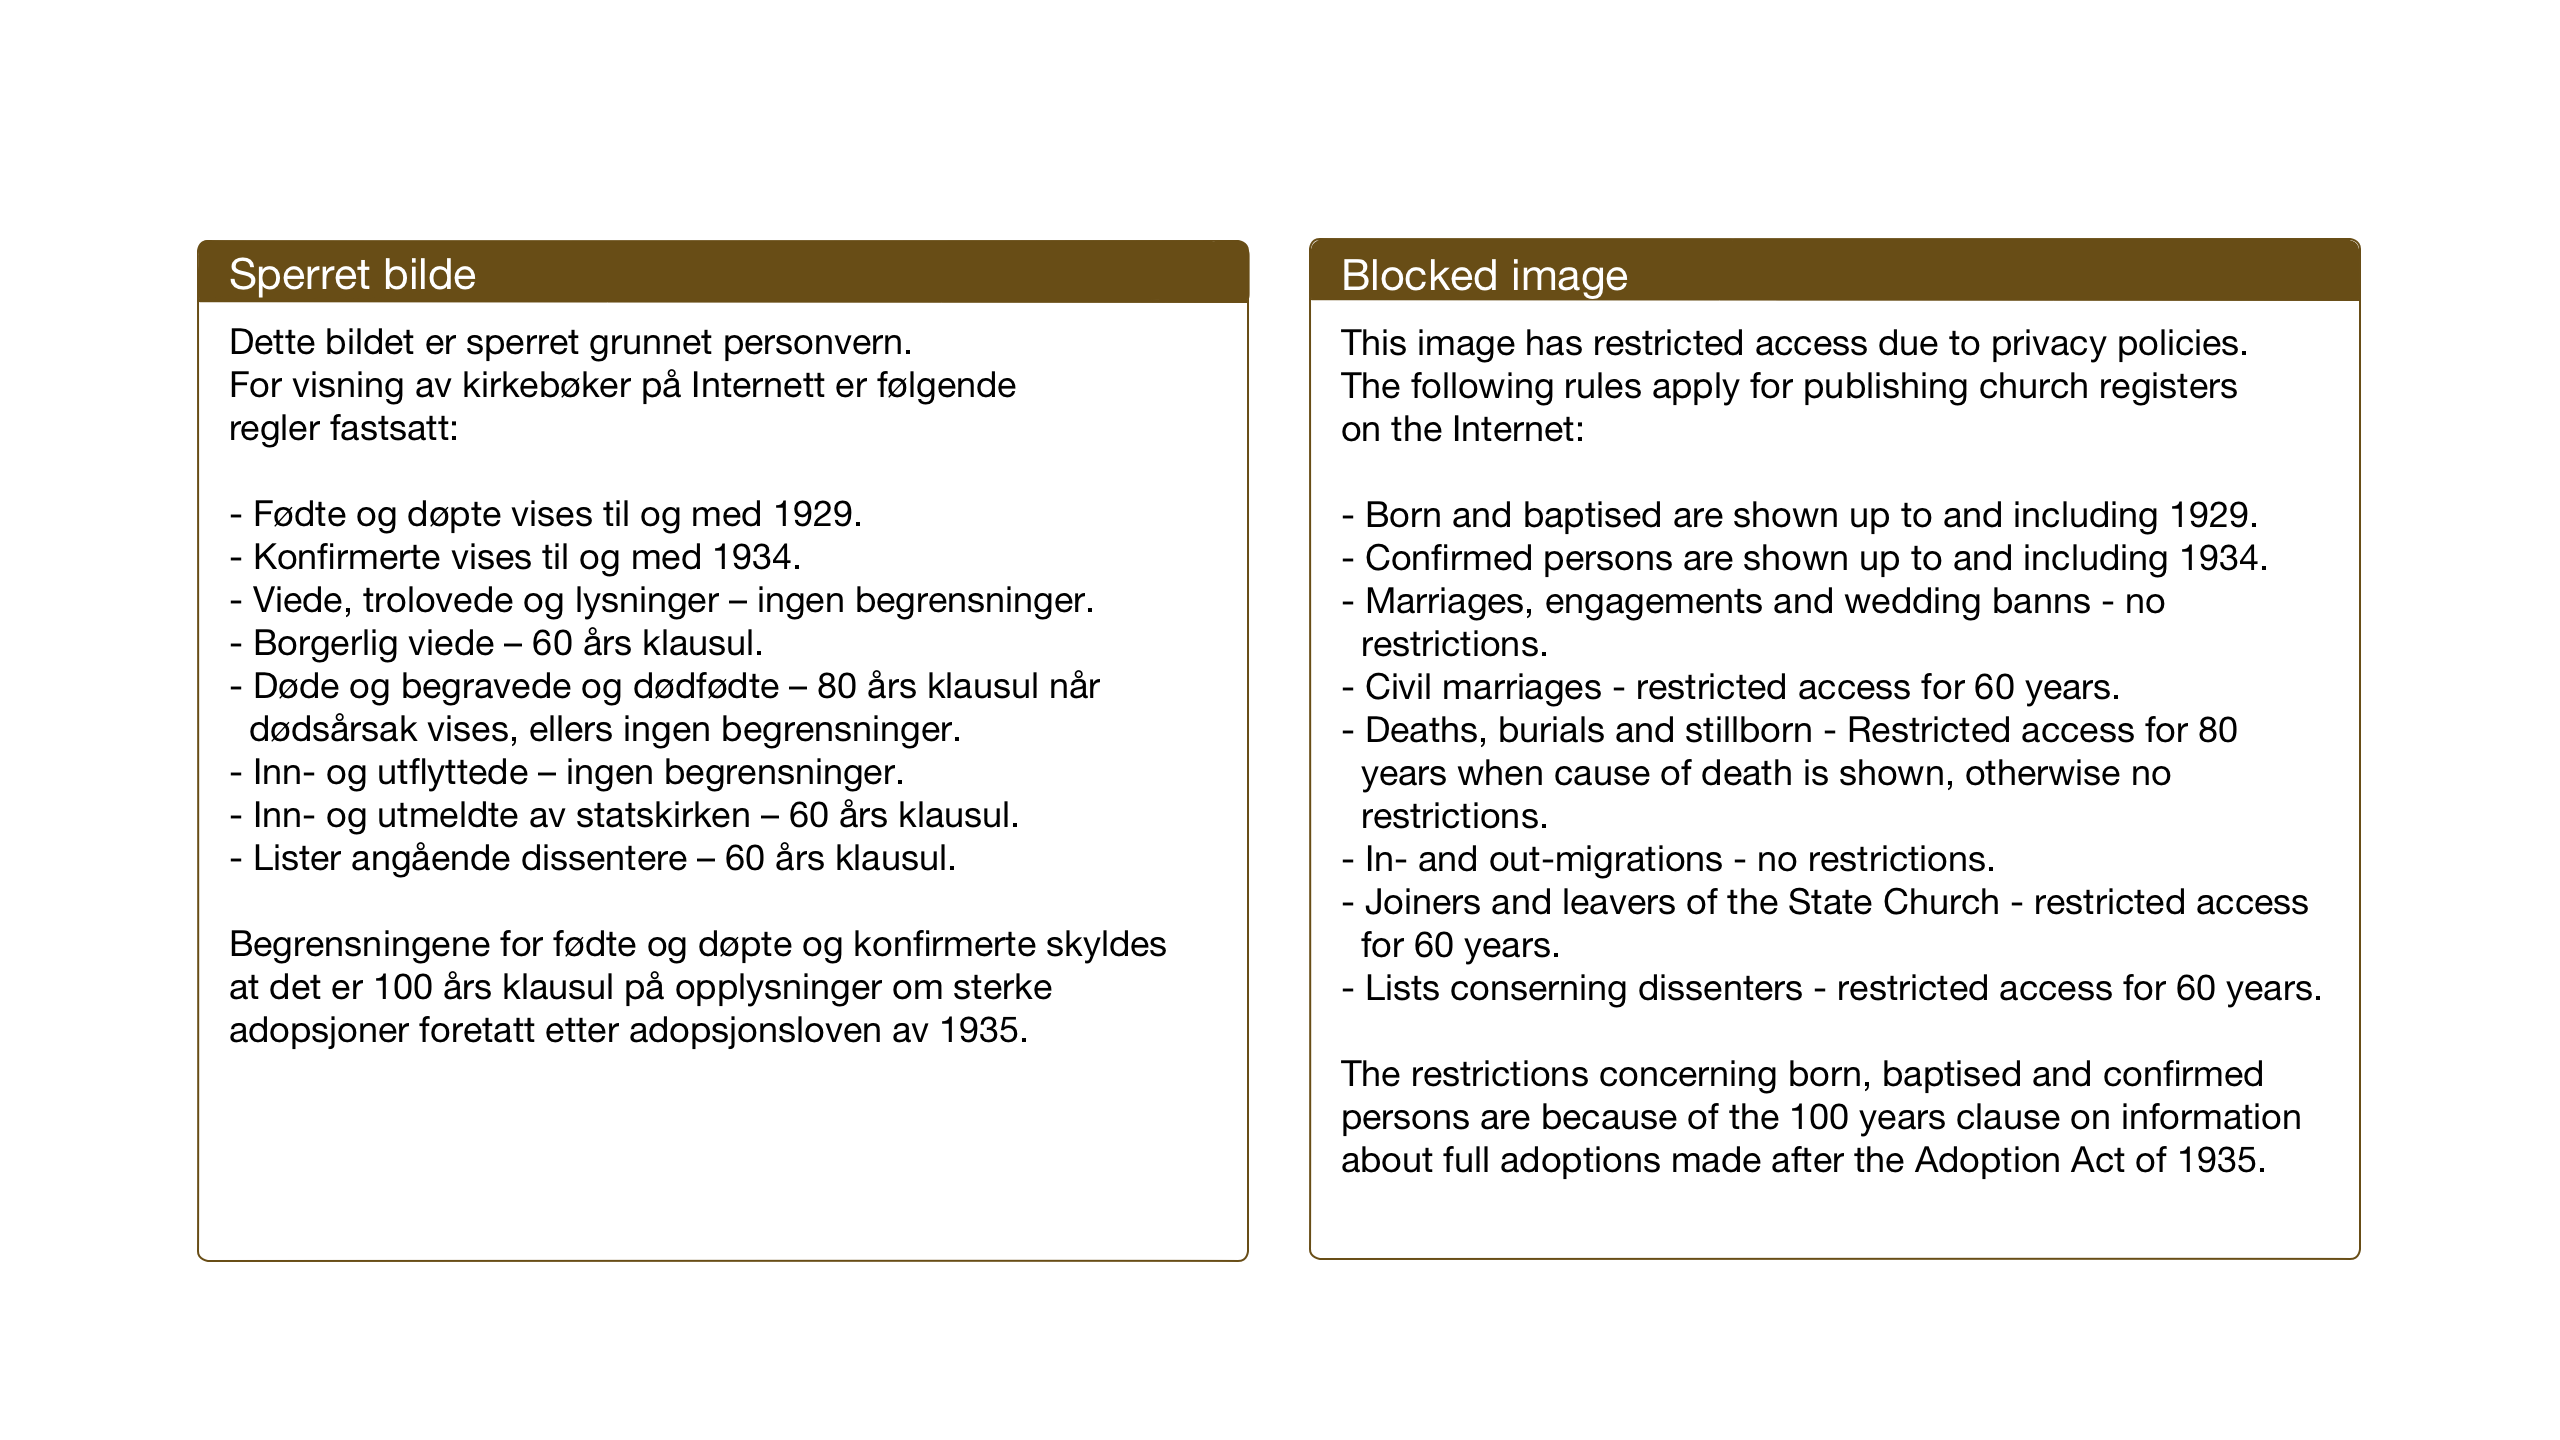 SAT, Ministerialprotokoller, klokkerbøker og fødselsregistre - Nord-Trøndelag, 773/L0625: Klokkerbok nr. 773C01, 1910-1952, s. 106